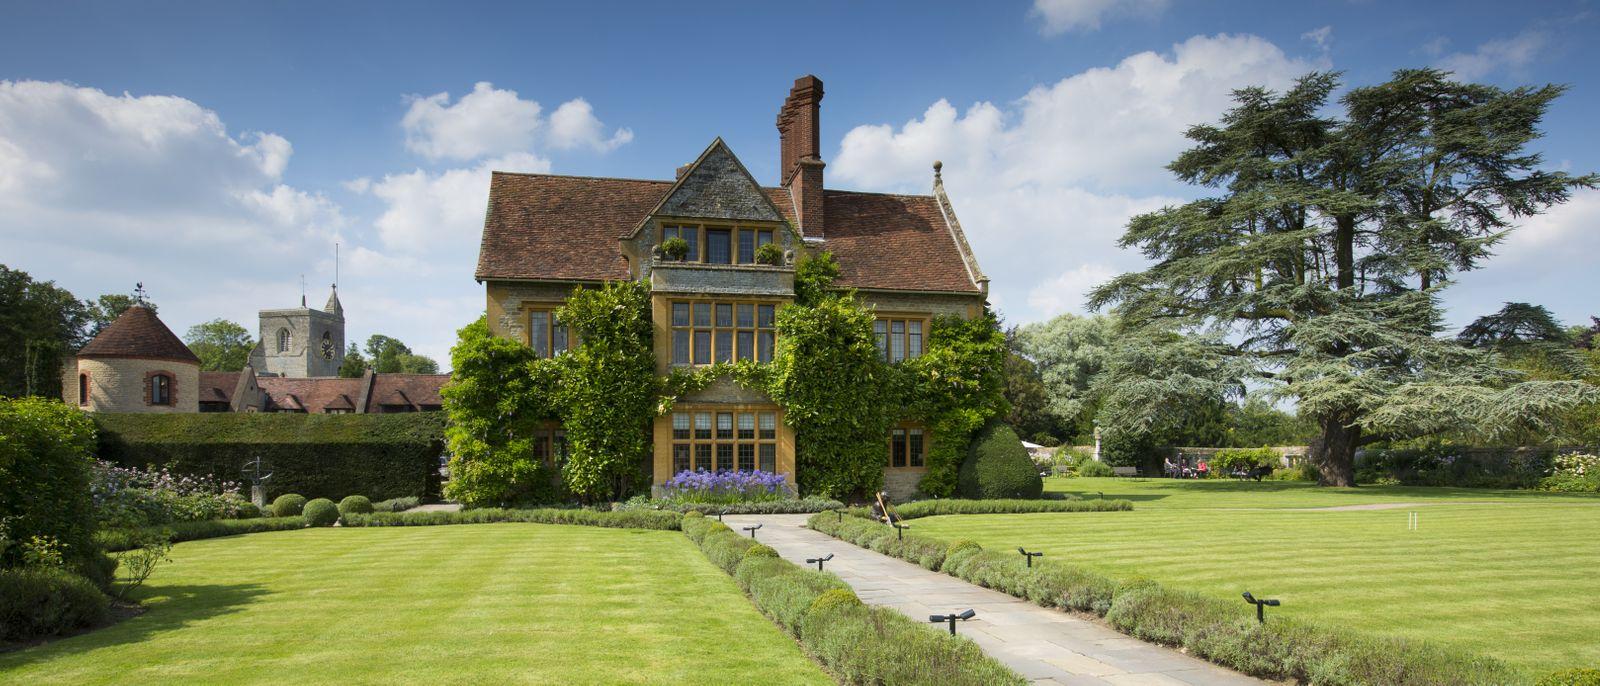 Le Manoir Aux Quat' Saisons Hotel, England